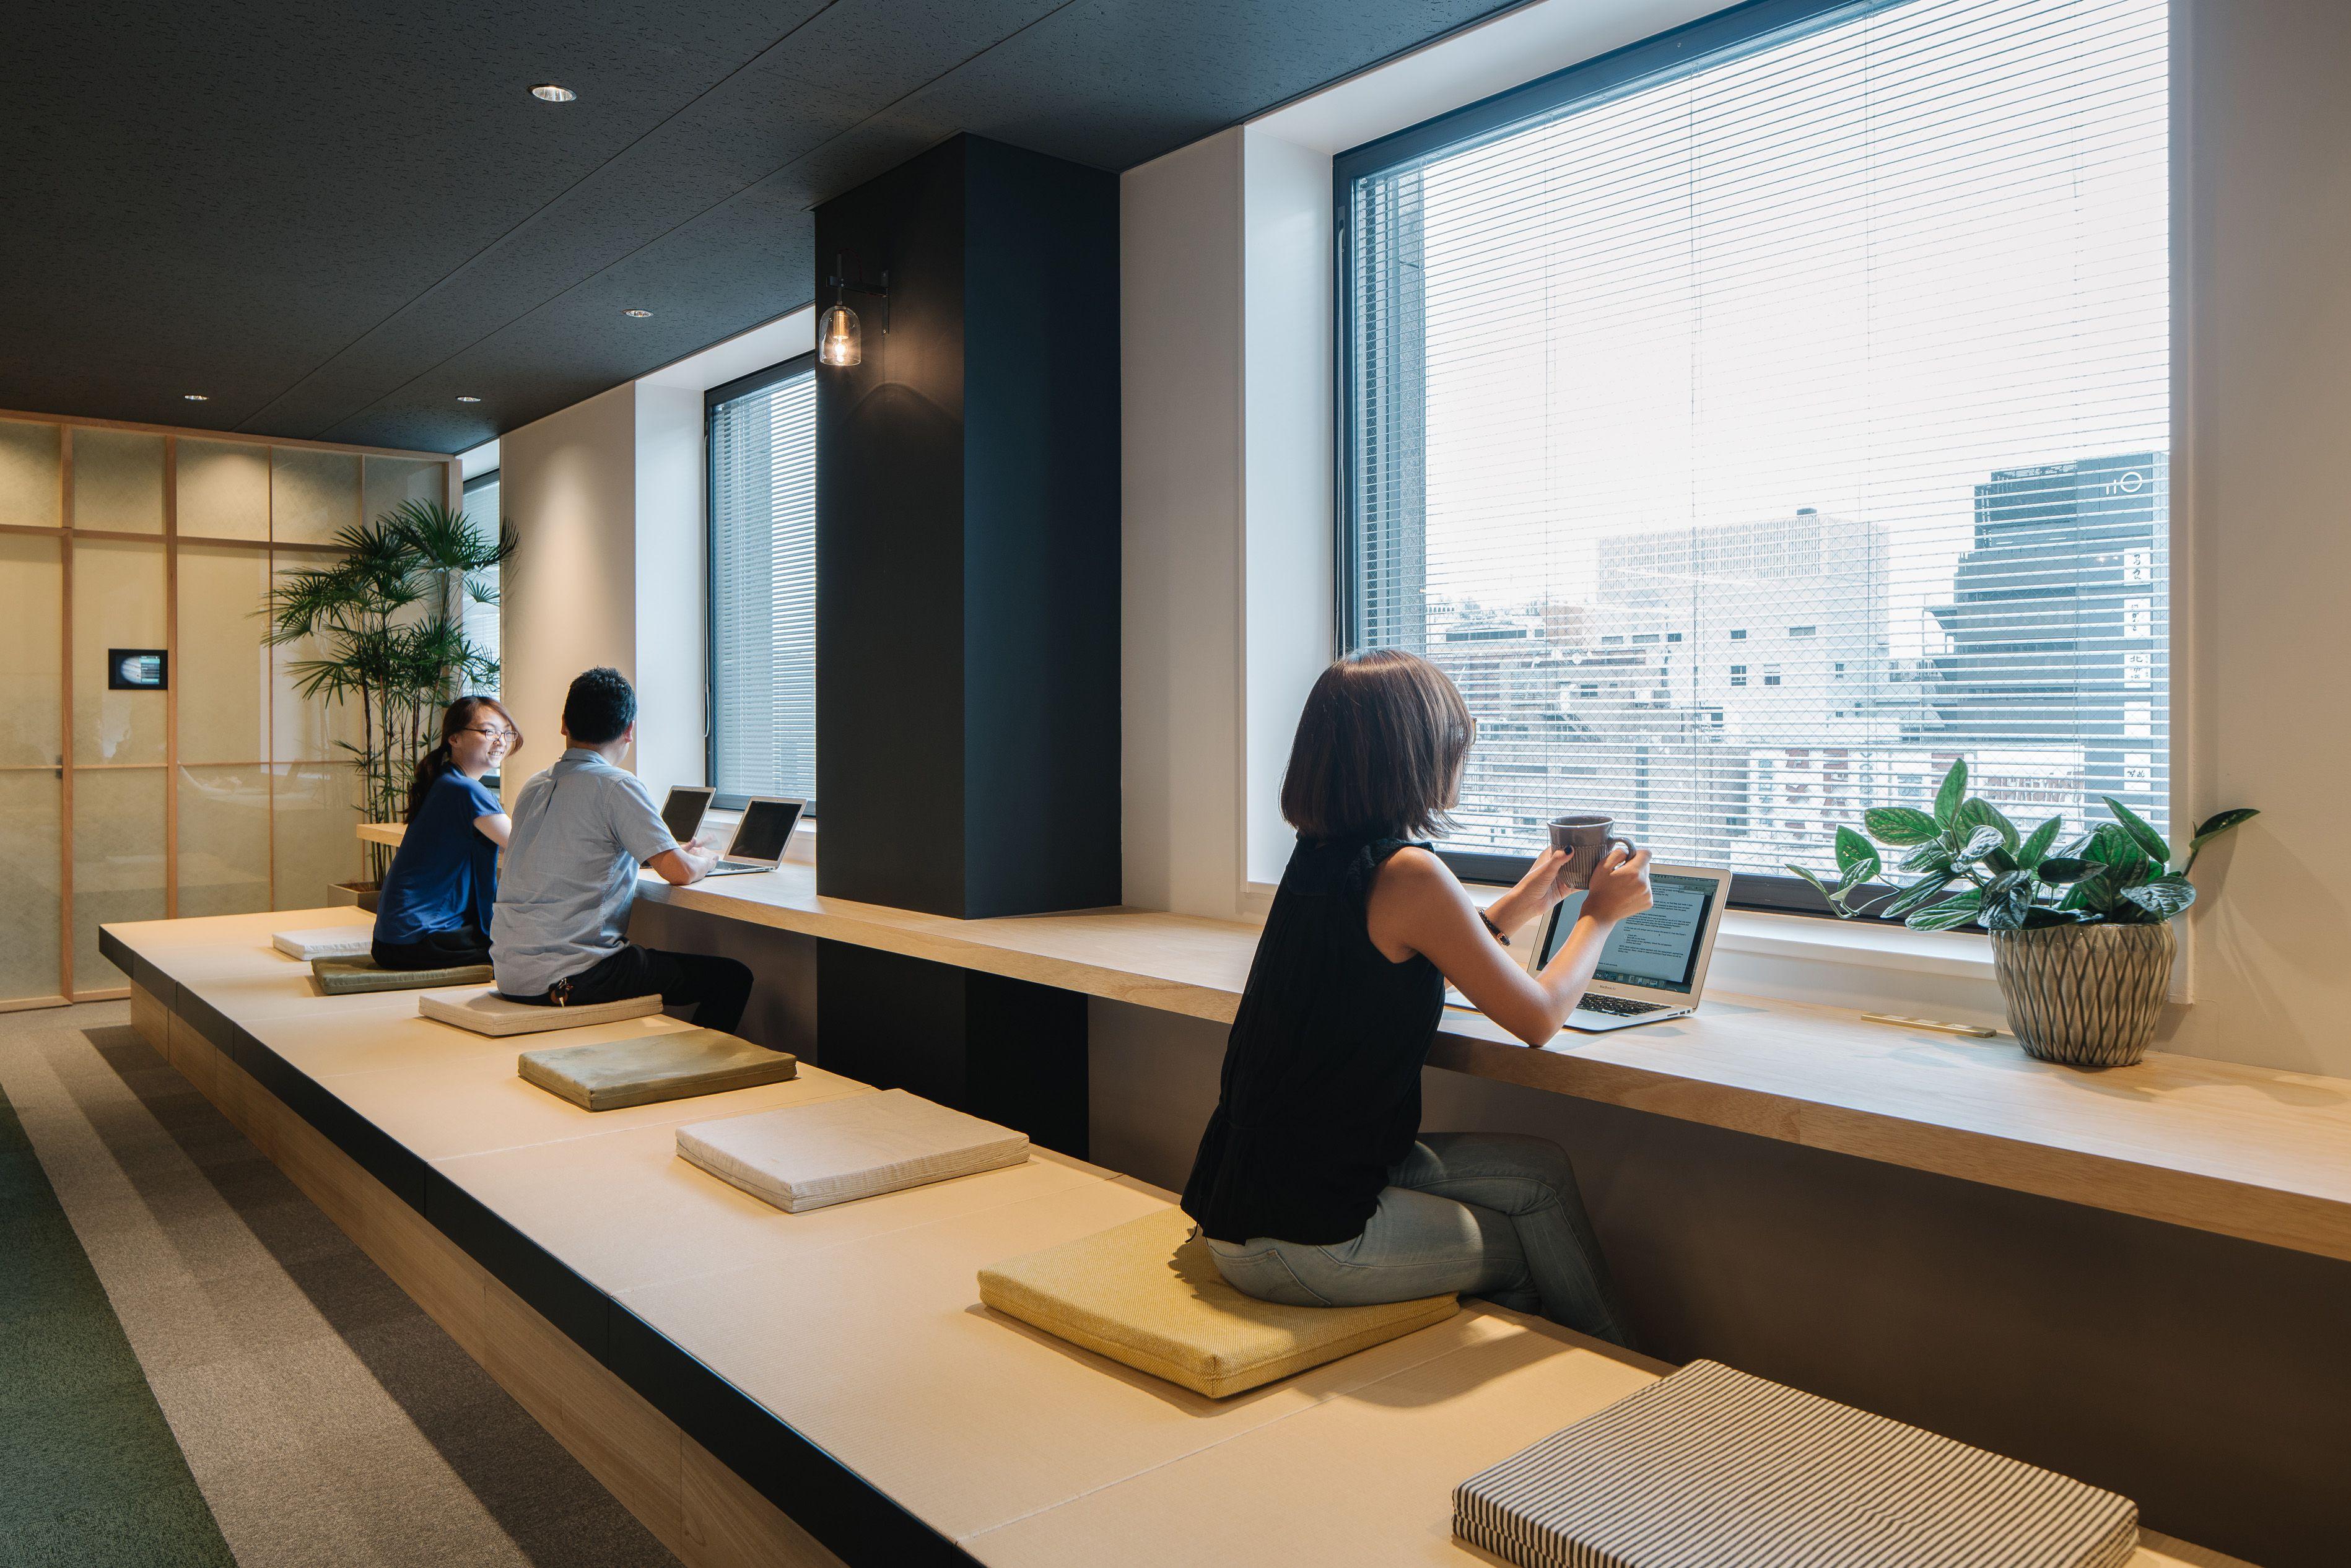 ผลการค้นหารูปภาพสำหรับ tokyo loft office window sill bureau